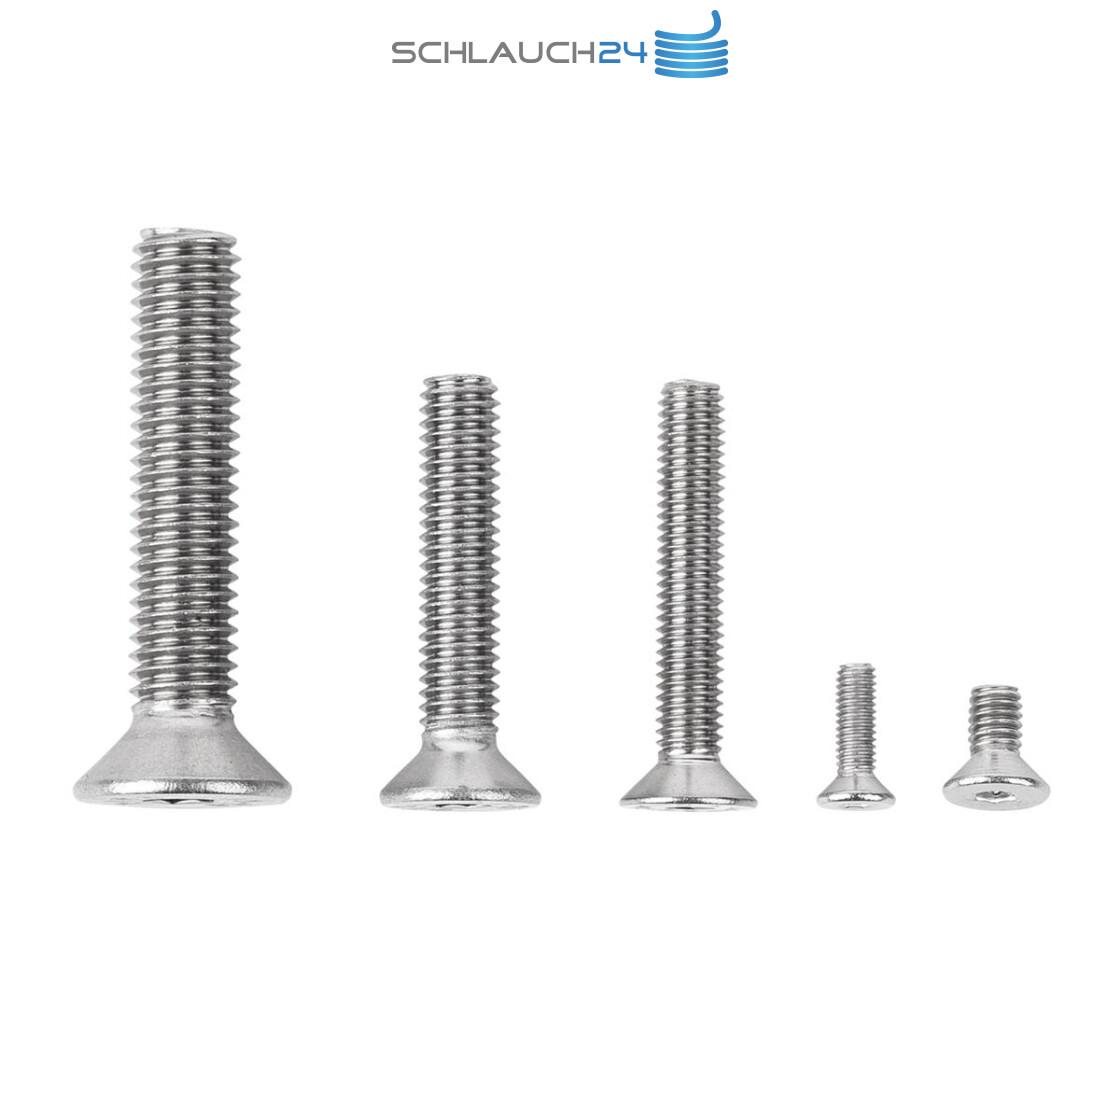 Senkschrauben mit Innensechskant und Vollgewinde VA // V2A Werkstoff A2 100 Senkkopfschrauben Edelstahl M5 x 16 mm ISO 10642 // DIN 7991